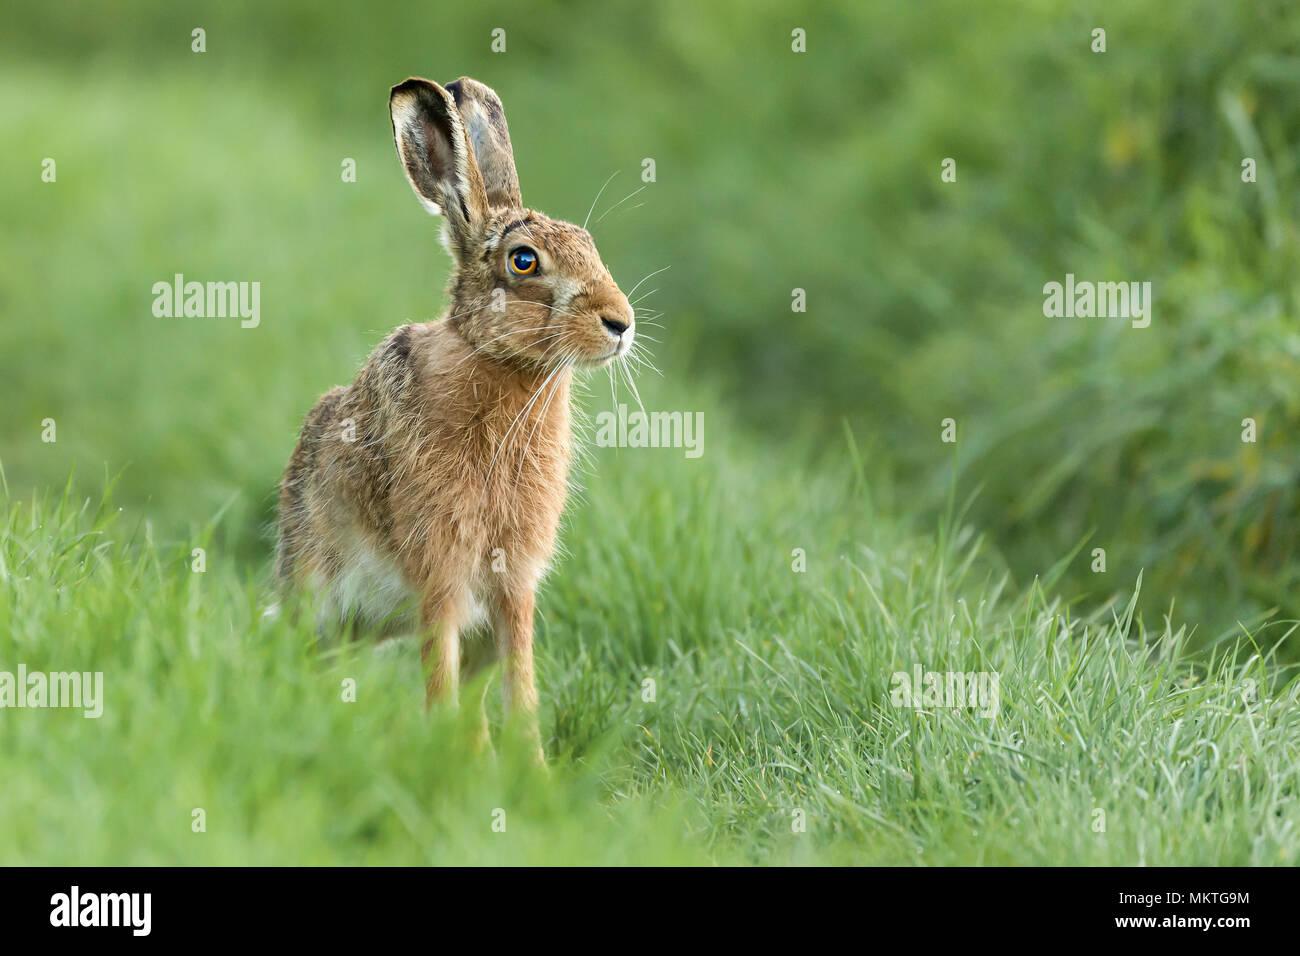 Bella wild lepre in NORFOLK REGNO UNITO la mattina presto visto da vicino e in alta definizione dei dettagli. Erba bagnata farmland ubicazione Immagini Stock